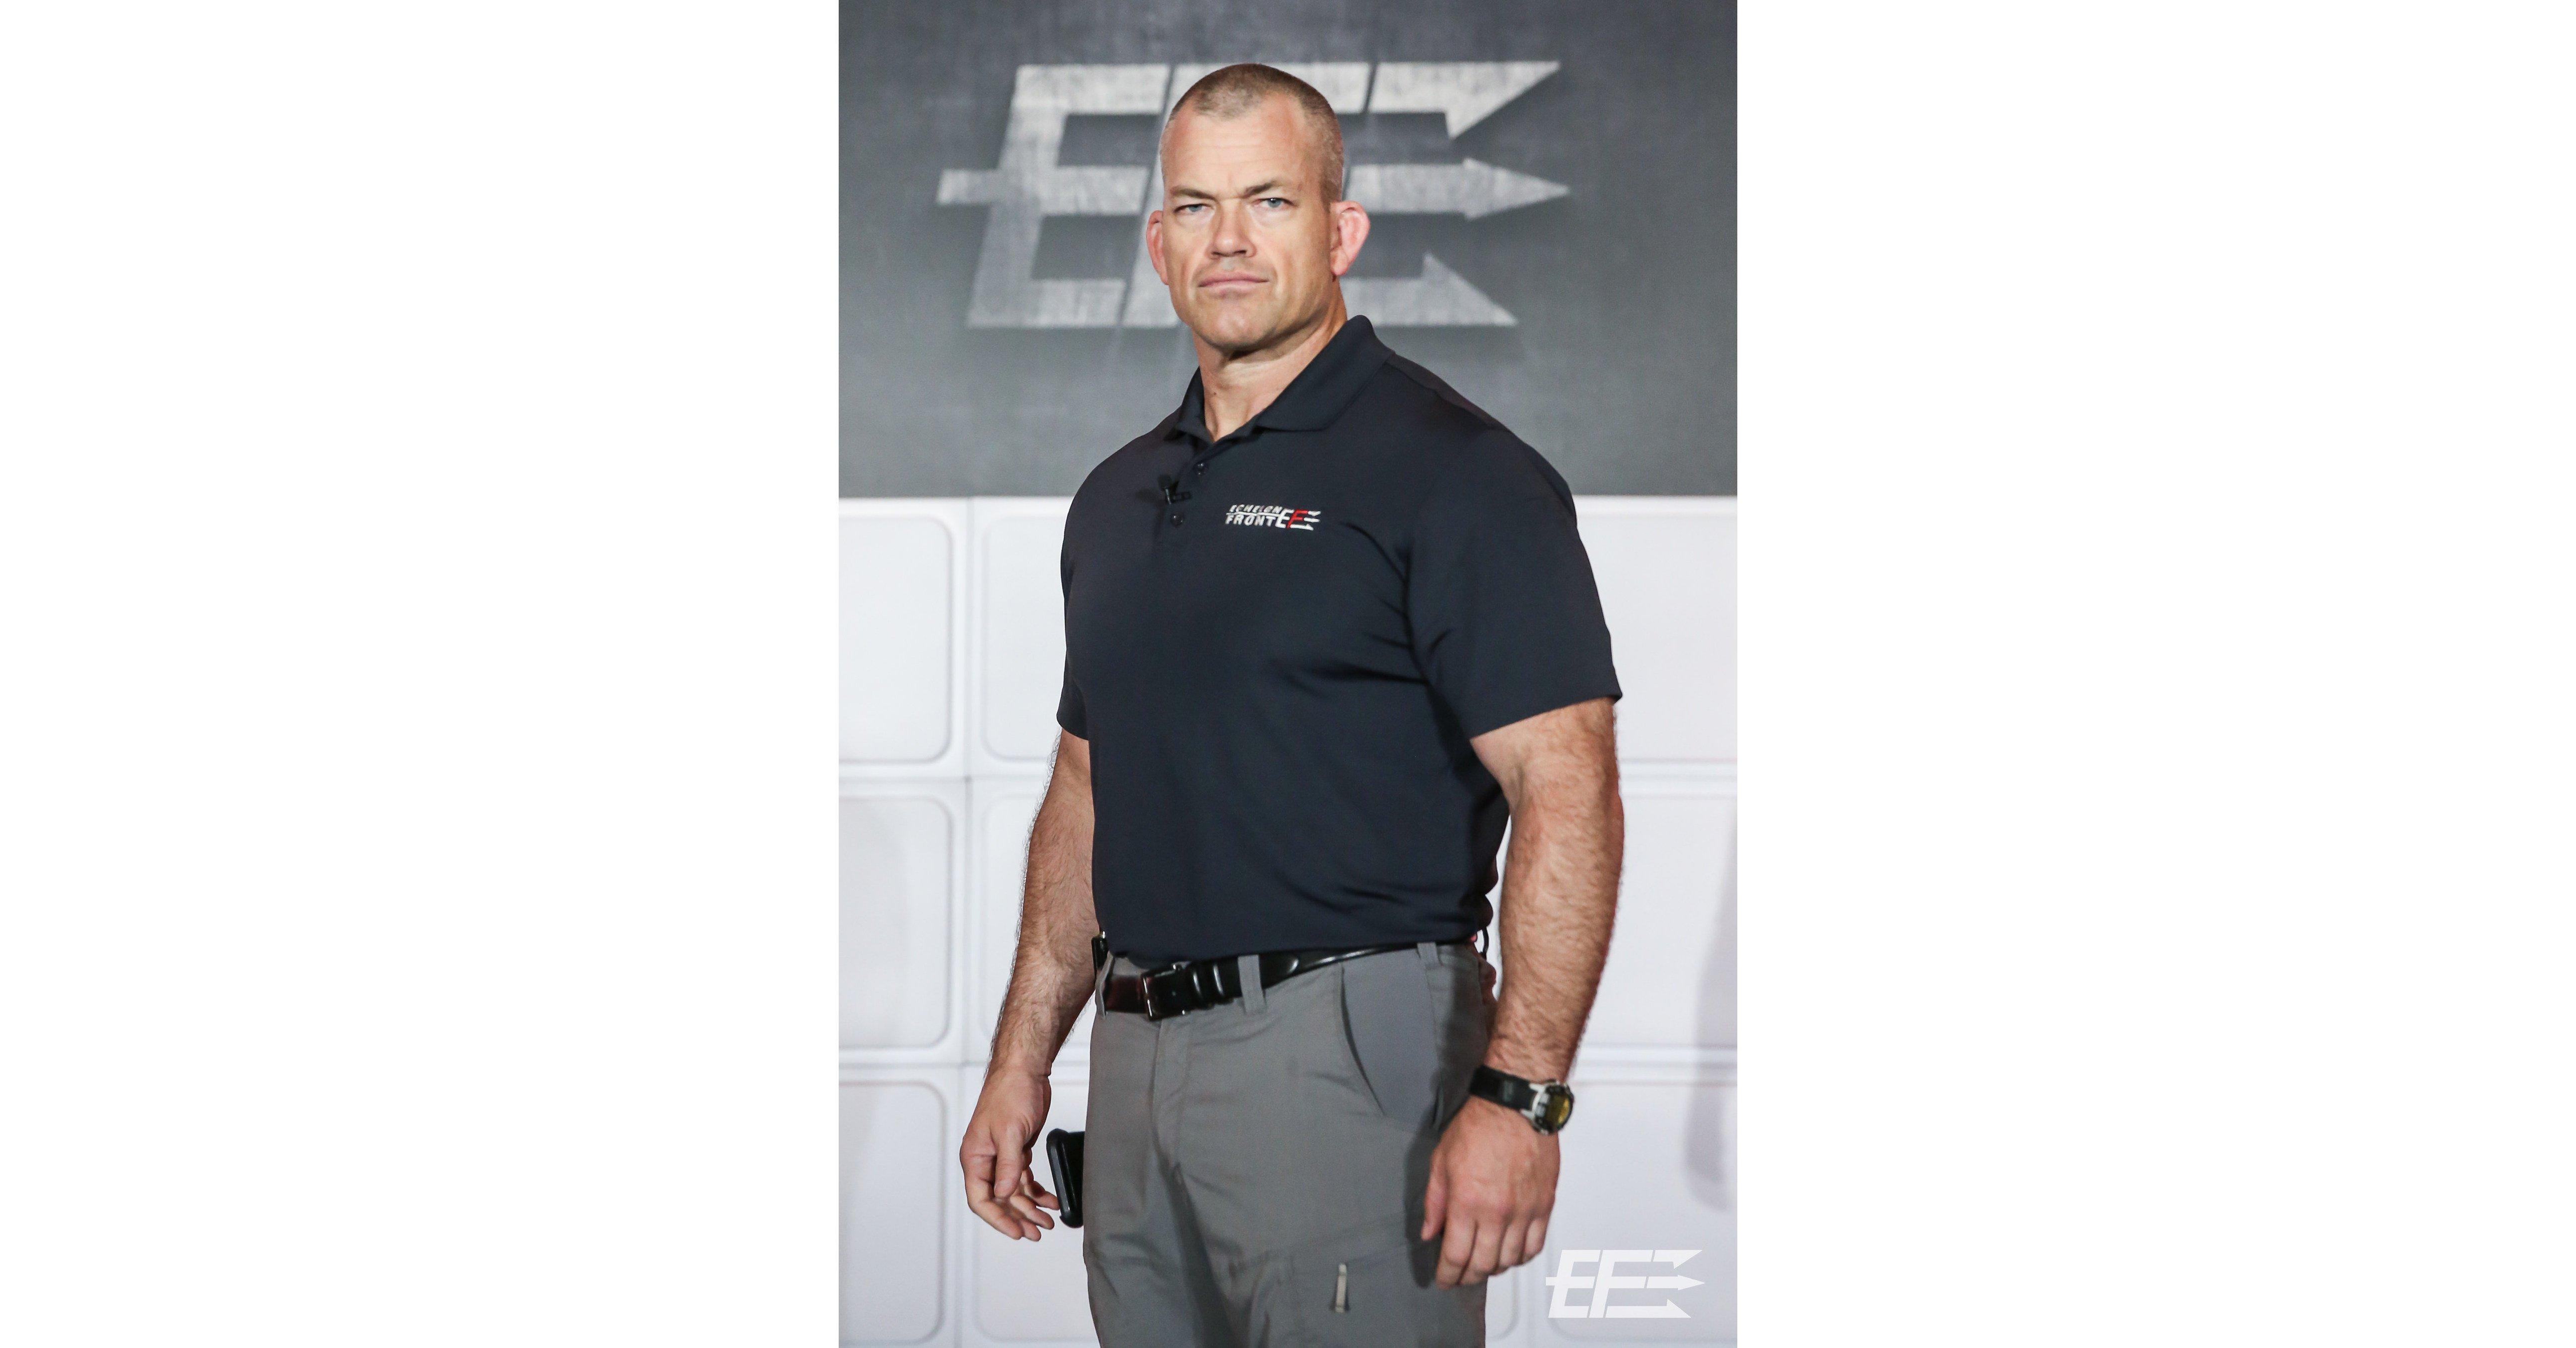 Vitamin Shoppe ® wprowadza paliwo Jocko we współpracy z dekorowanym byłym dowódcą marynarki wojennej SEAL i ekspertem od przywództwa Jocko Willink